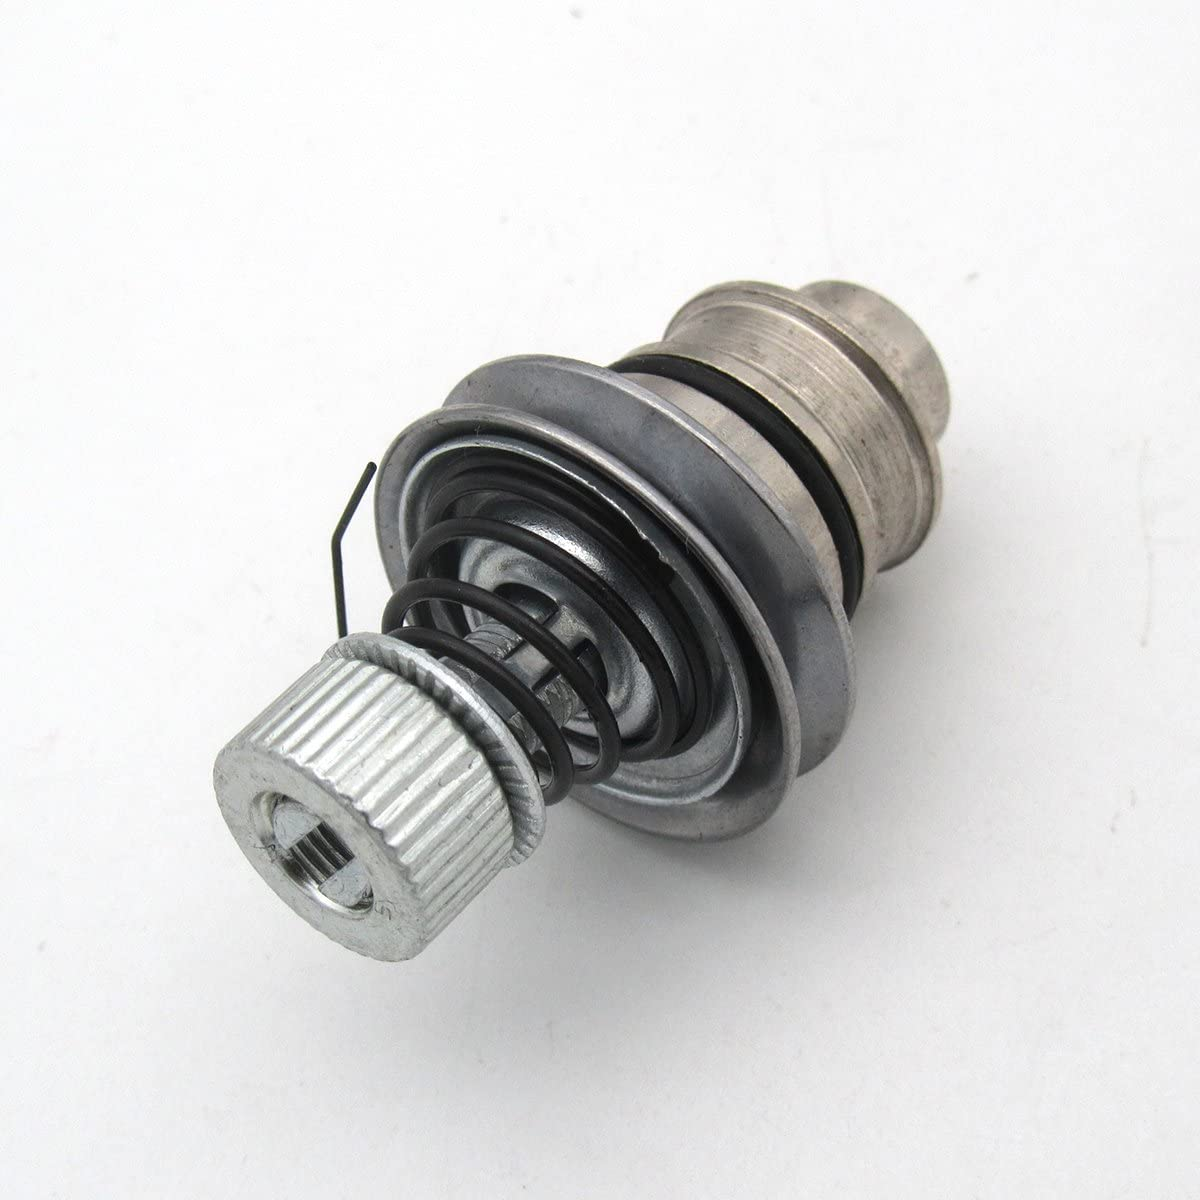 KUNPENG -1 piezas # 414274 Asamblea de tensión completa ajuste para la máquina de coser Singer 591C, 591D: Amazon.es: Hogar